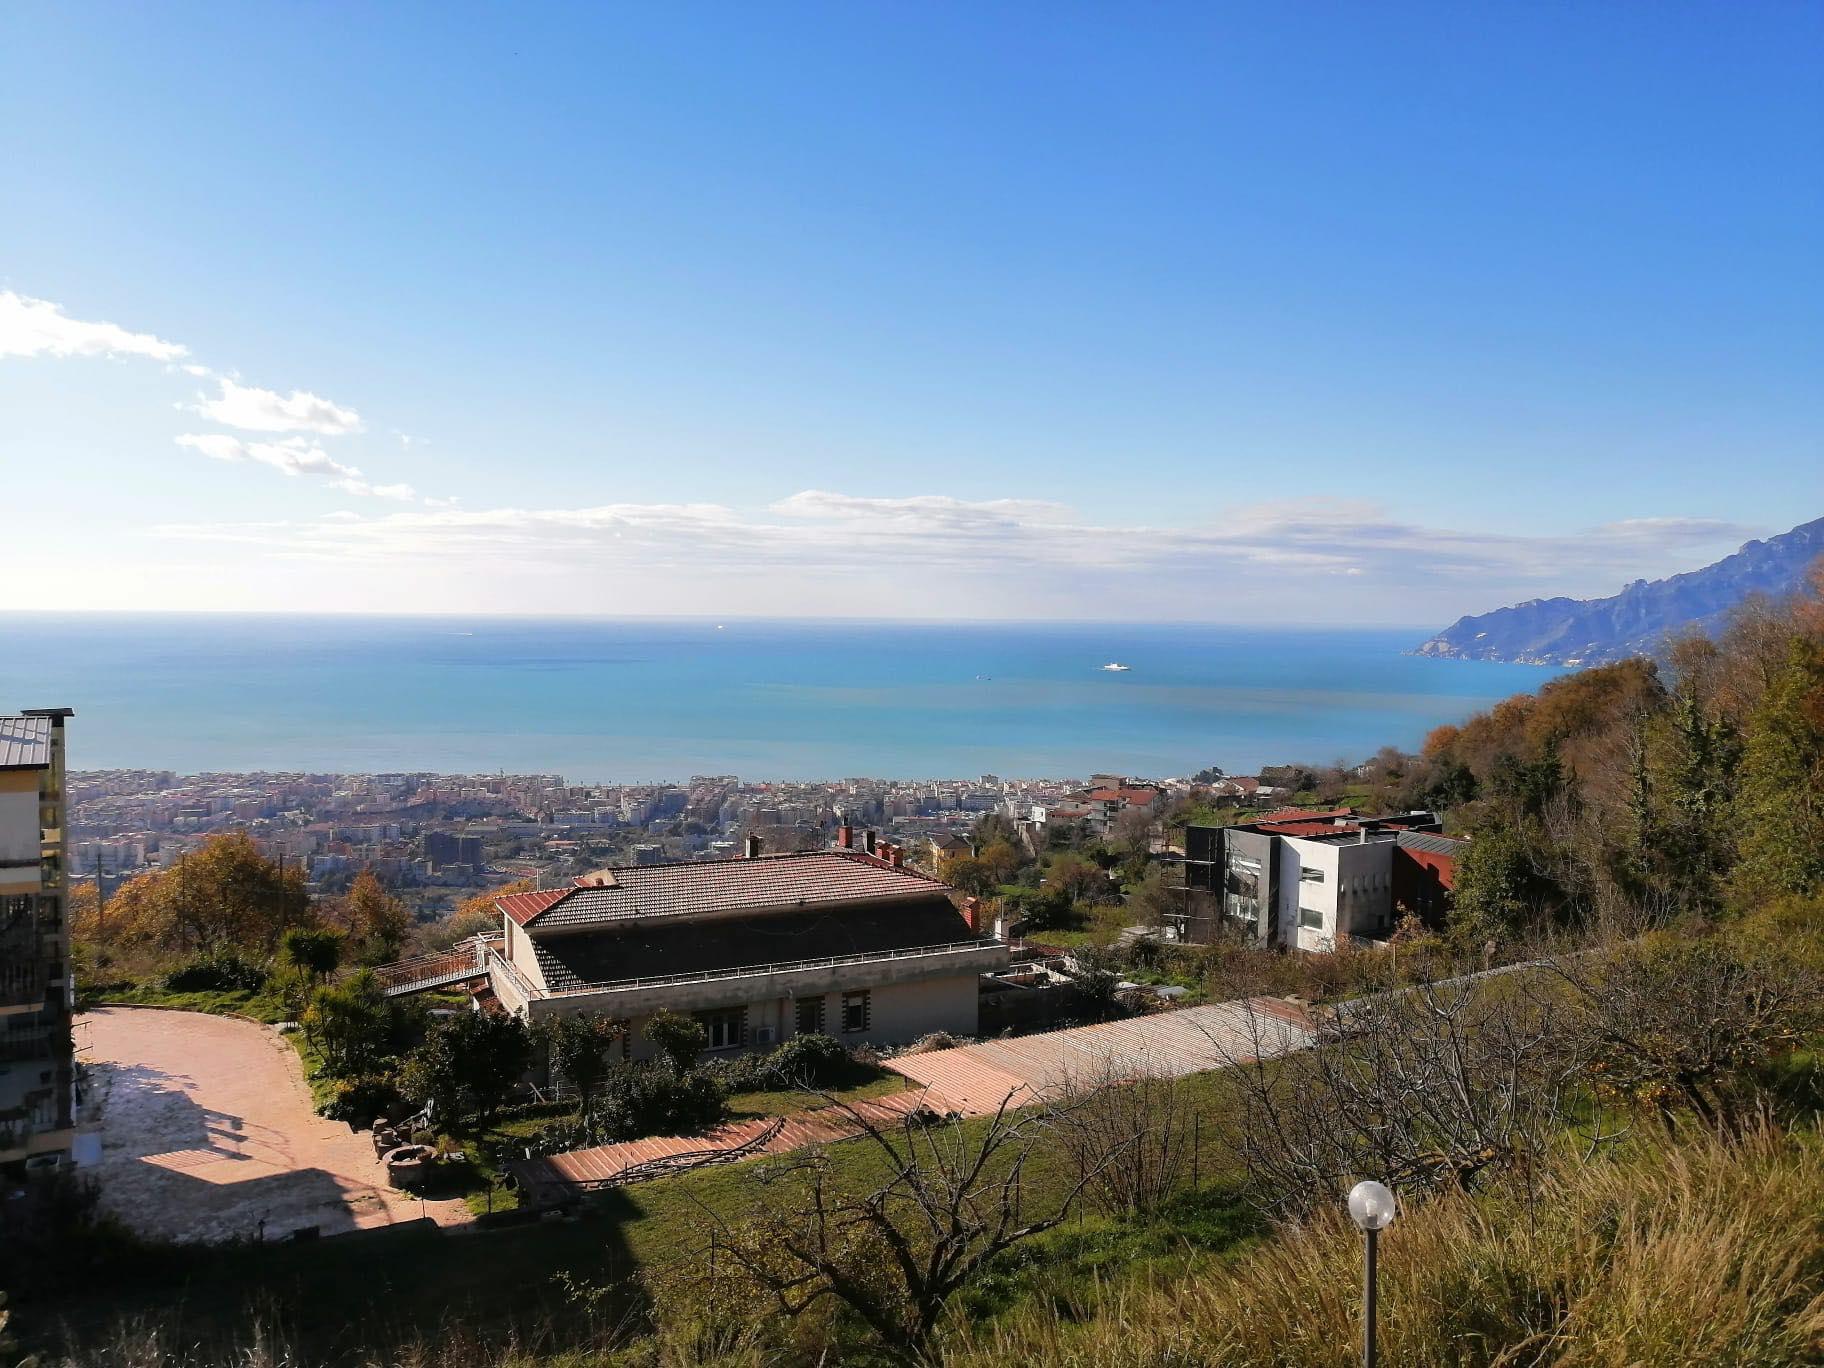 Giovi, Salerno - Un buongiorno vista mare